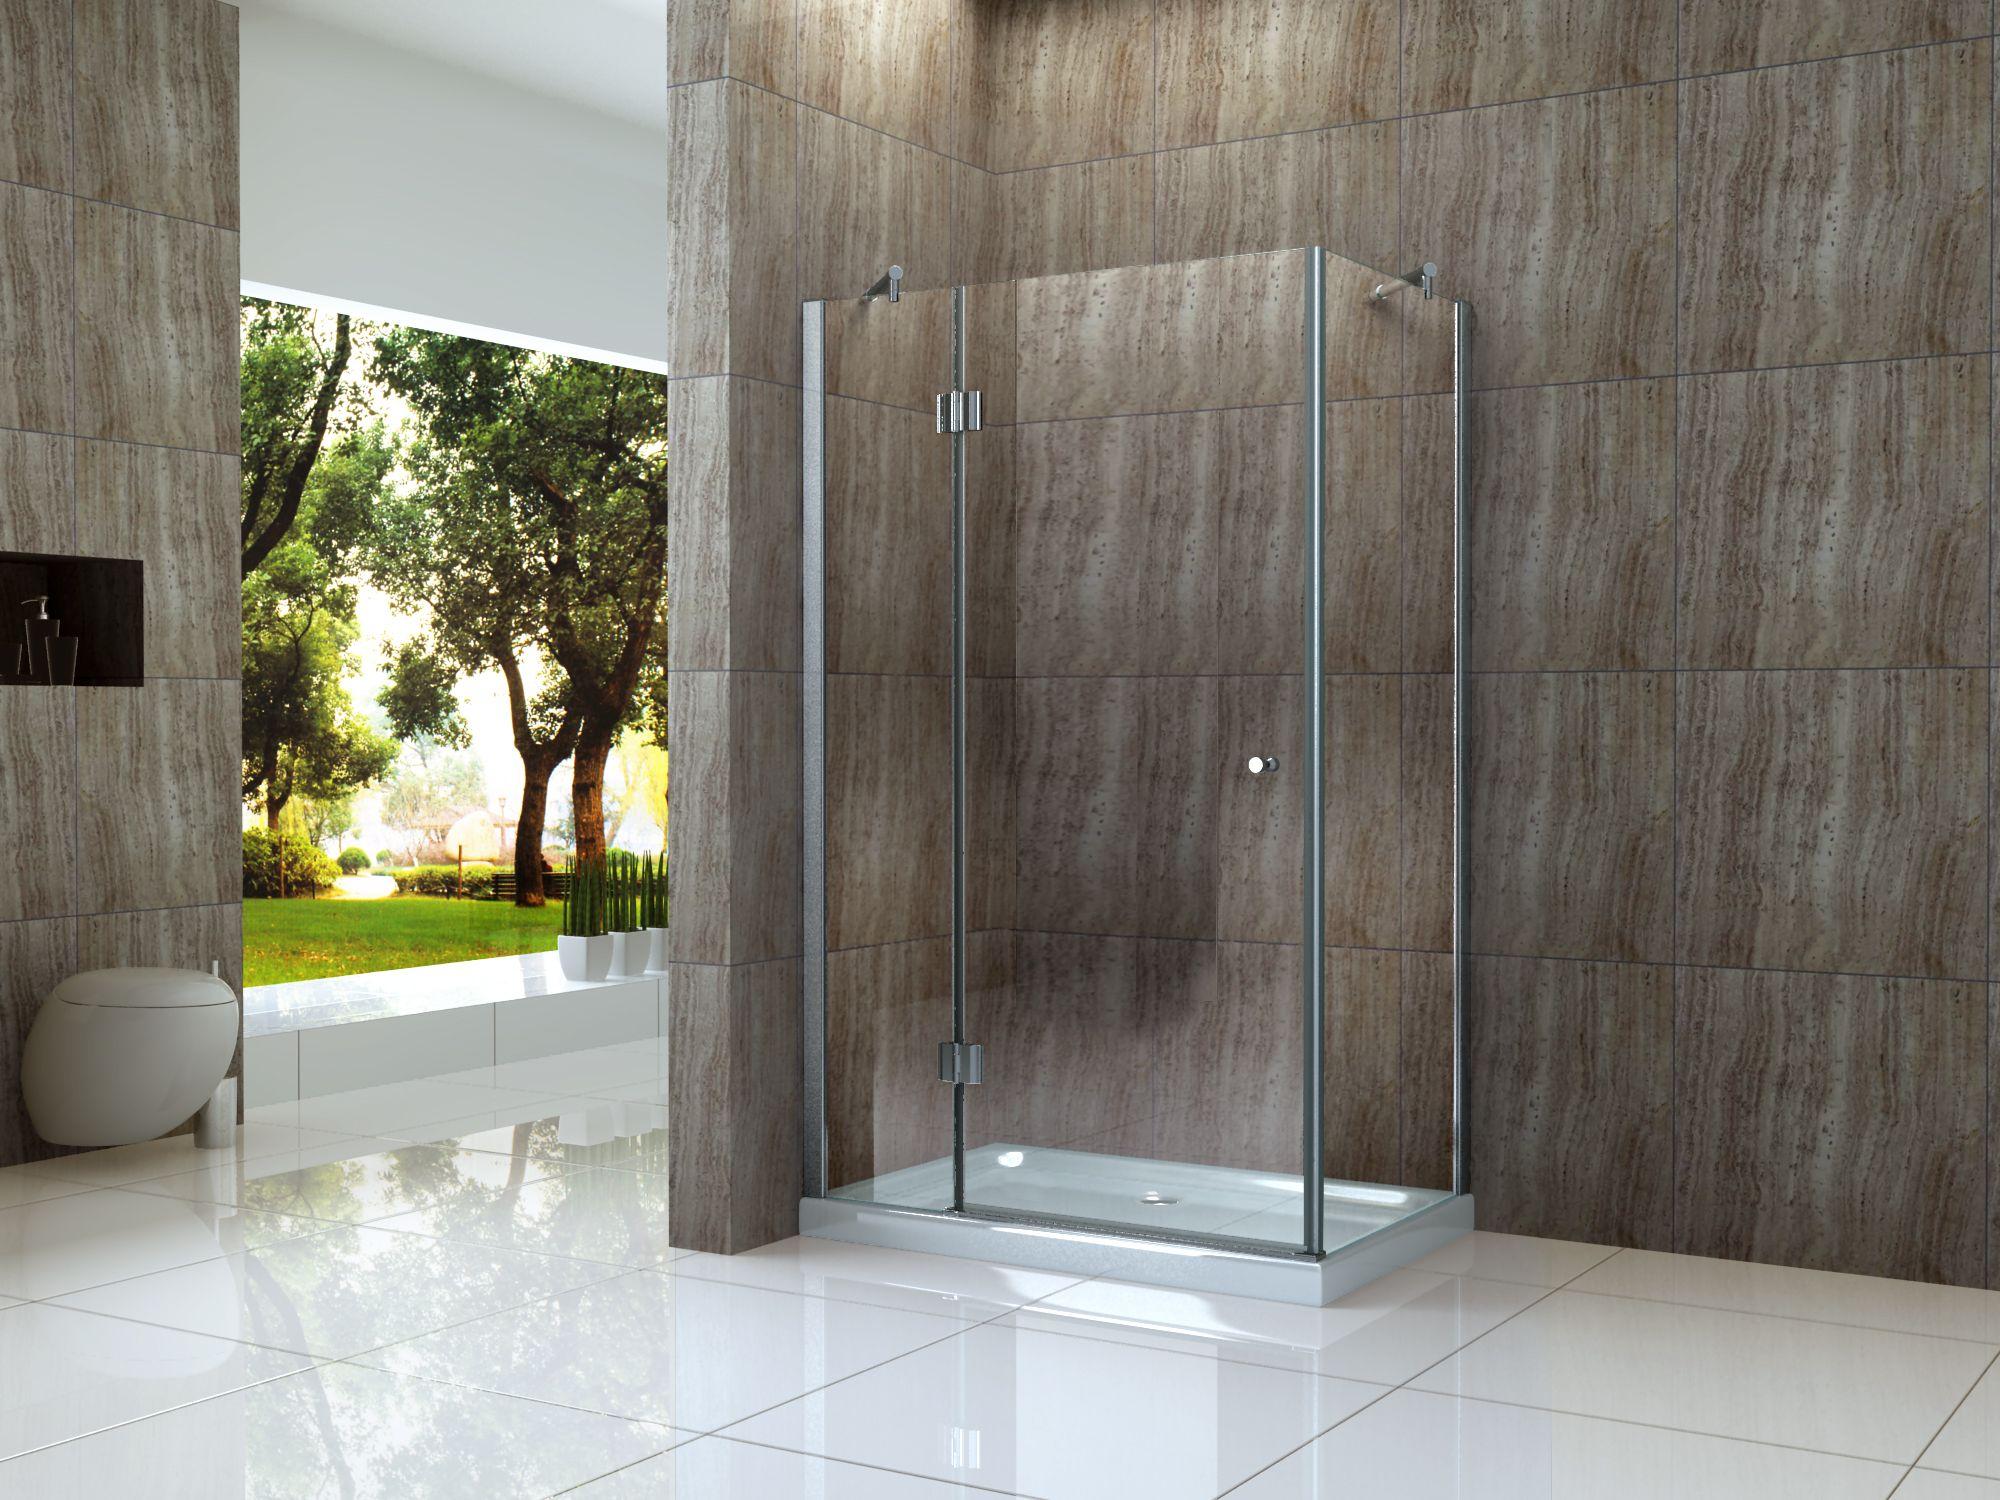 Full Size of Glaswand Dusche Arto 80 175 Duschtasse Glas Duschkabine Duschwand Abfluss Glastür Badewanne Mit Glastrennwand Koralle Wand Bluetooth Lautsprecher Bodengleiche Dusche Glaswand Dusche